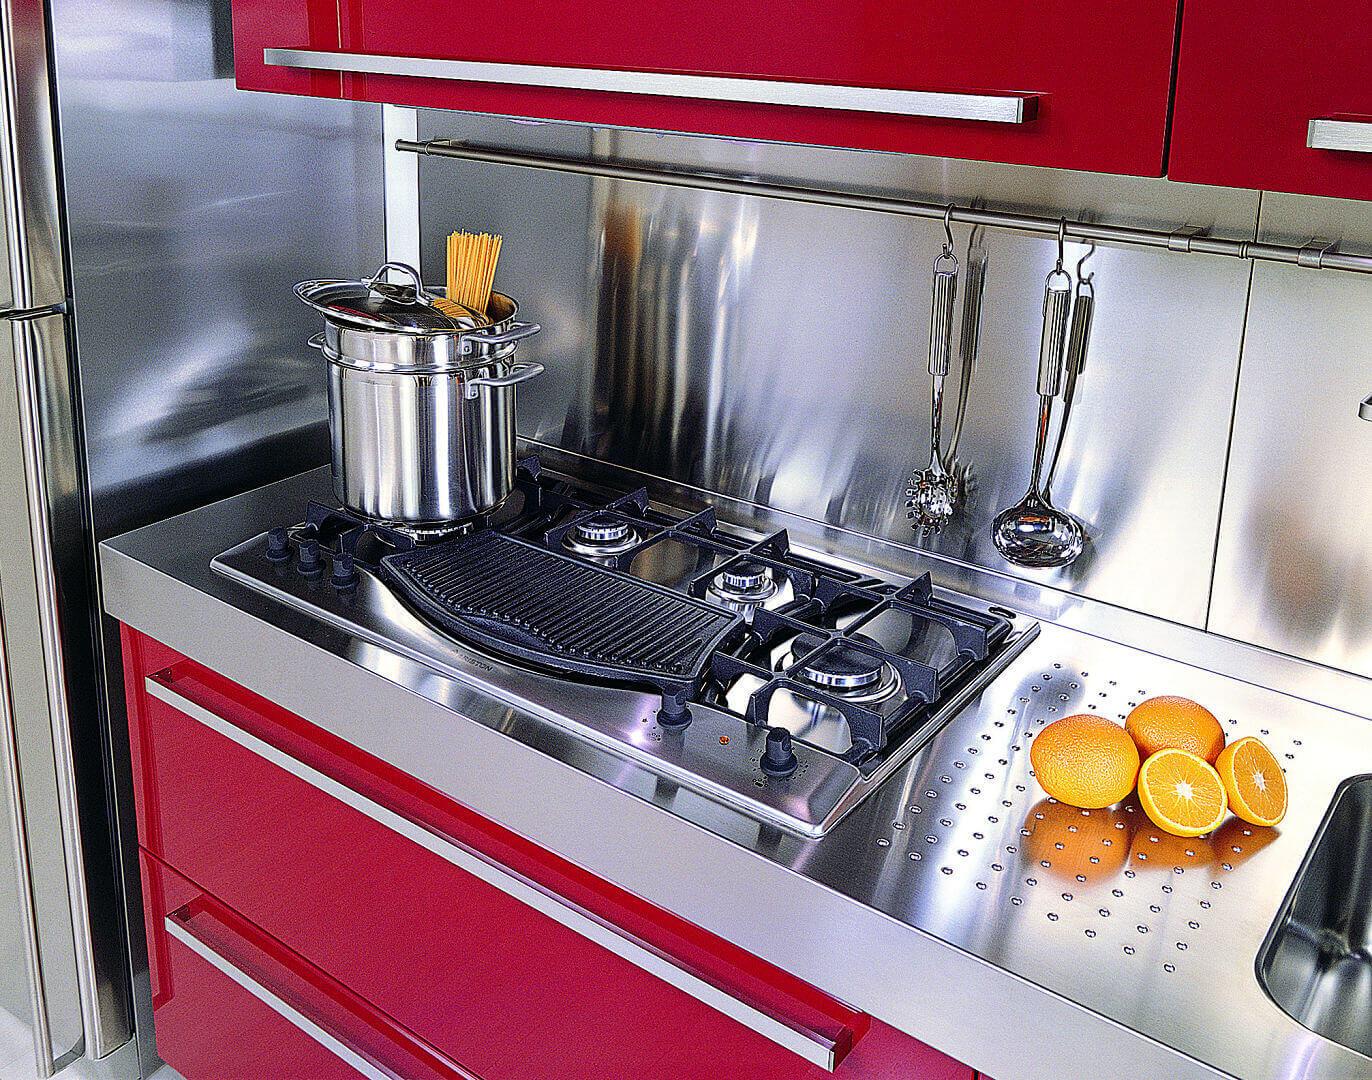 Mebel arca cucine italia cucine in acciaio inox - Cucine in acciaio inox ...